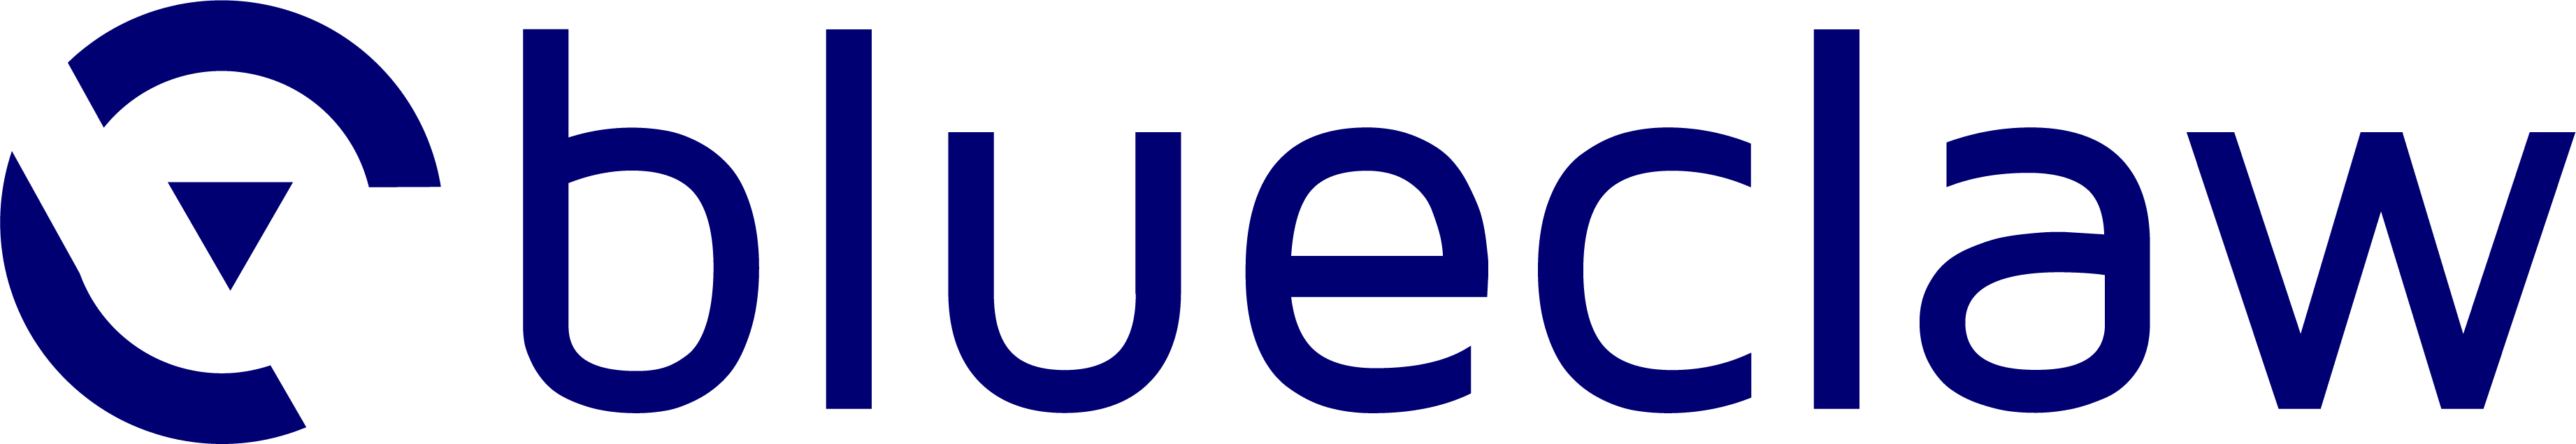 Blueclaw Media logo